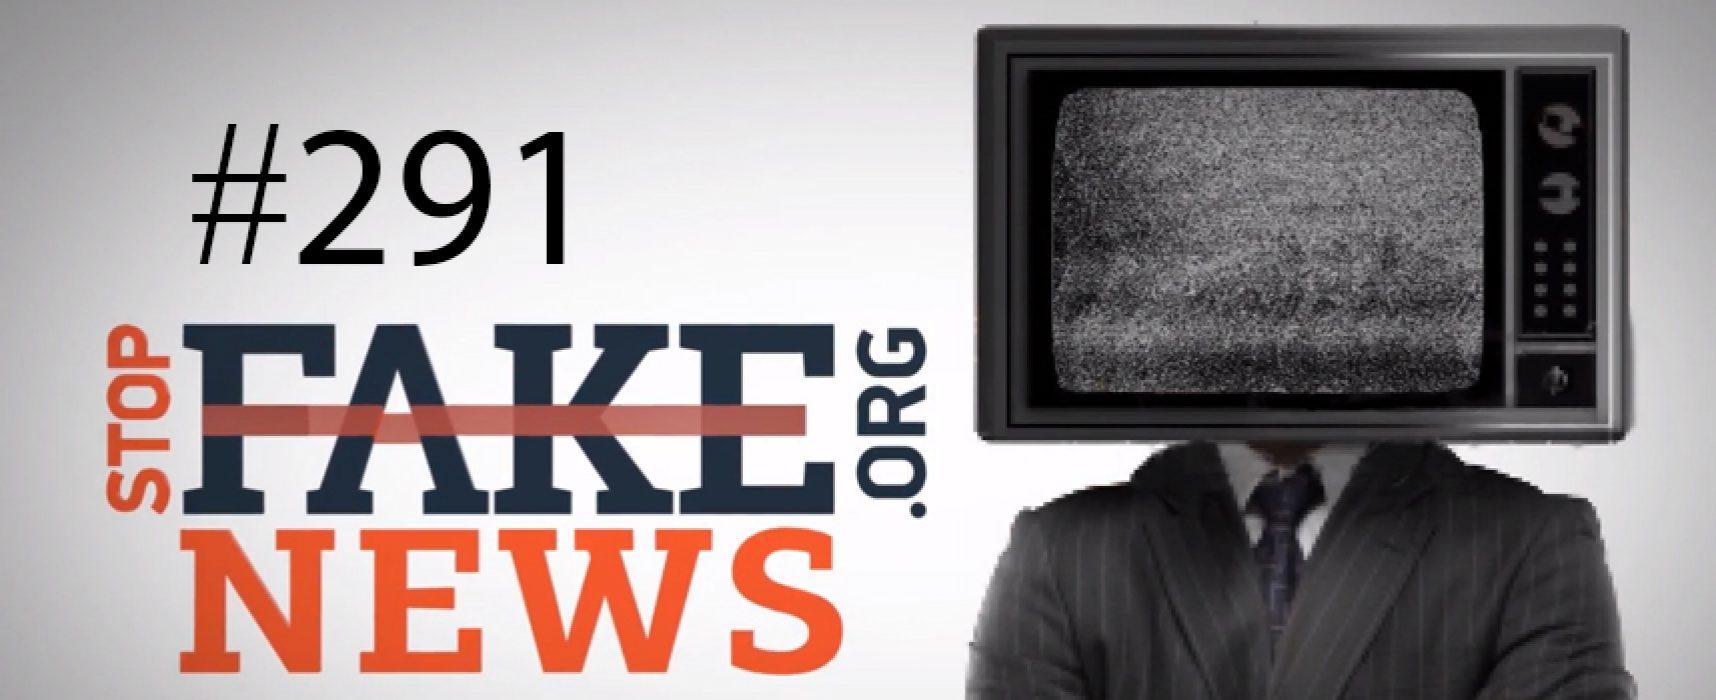 Псевдосенсация о сбитом «Боинге» и нейтральная передача со скандалом — SFN #291